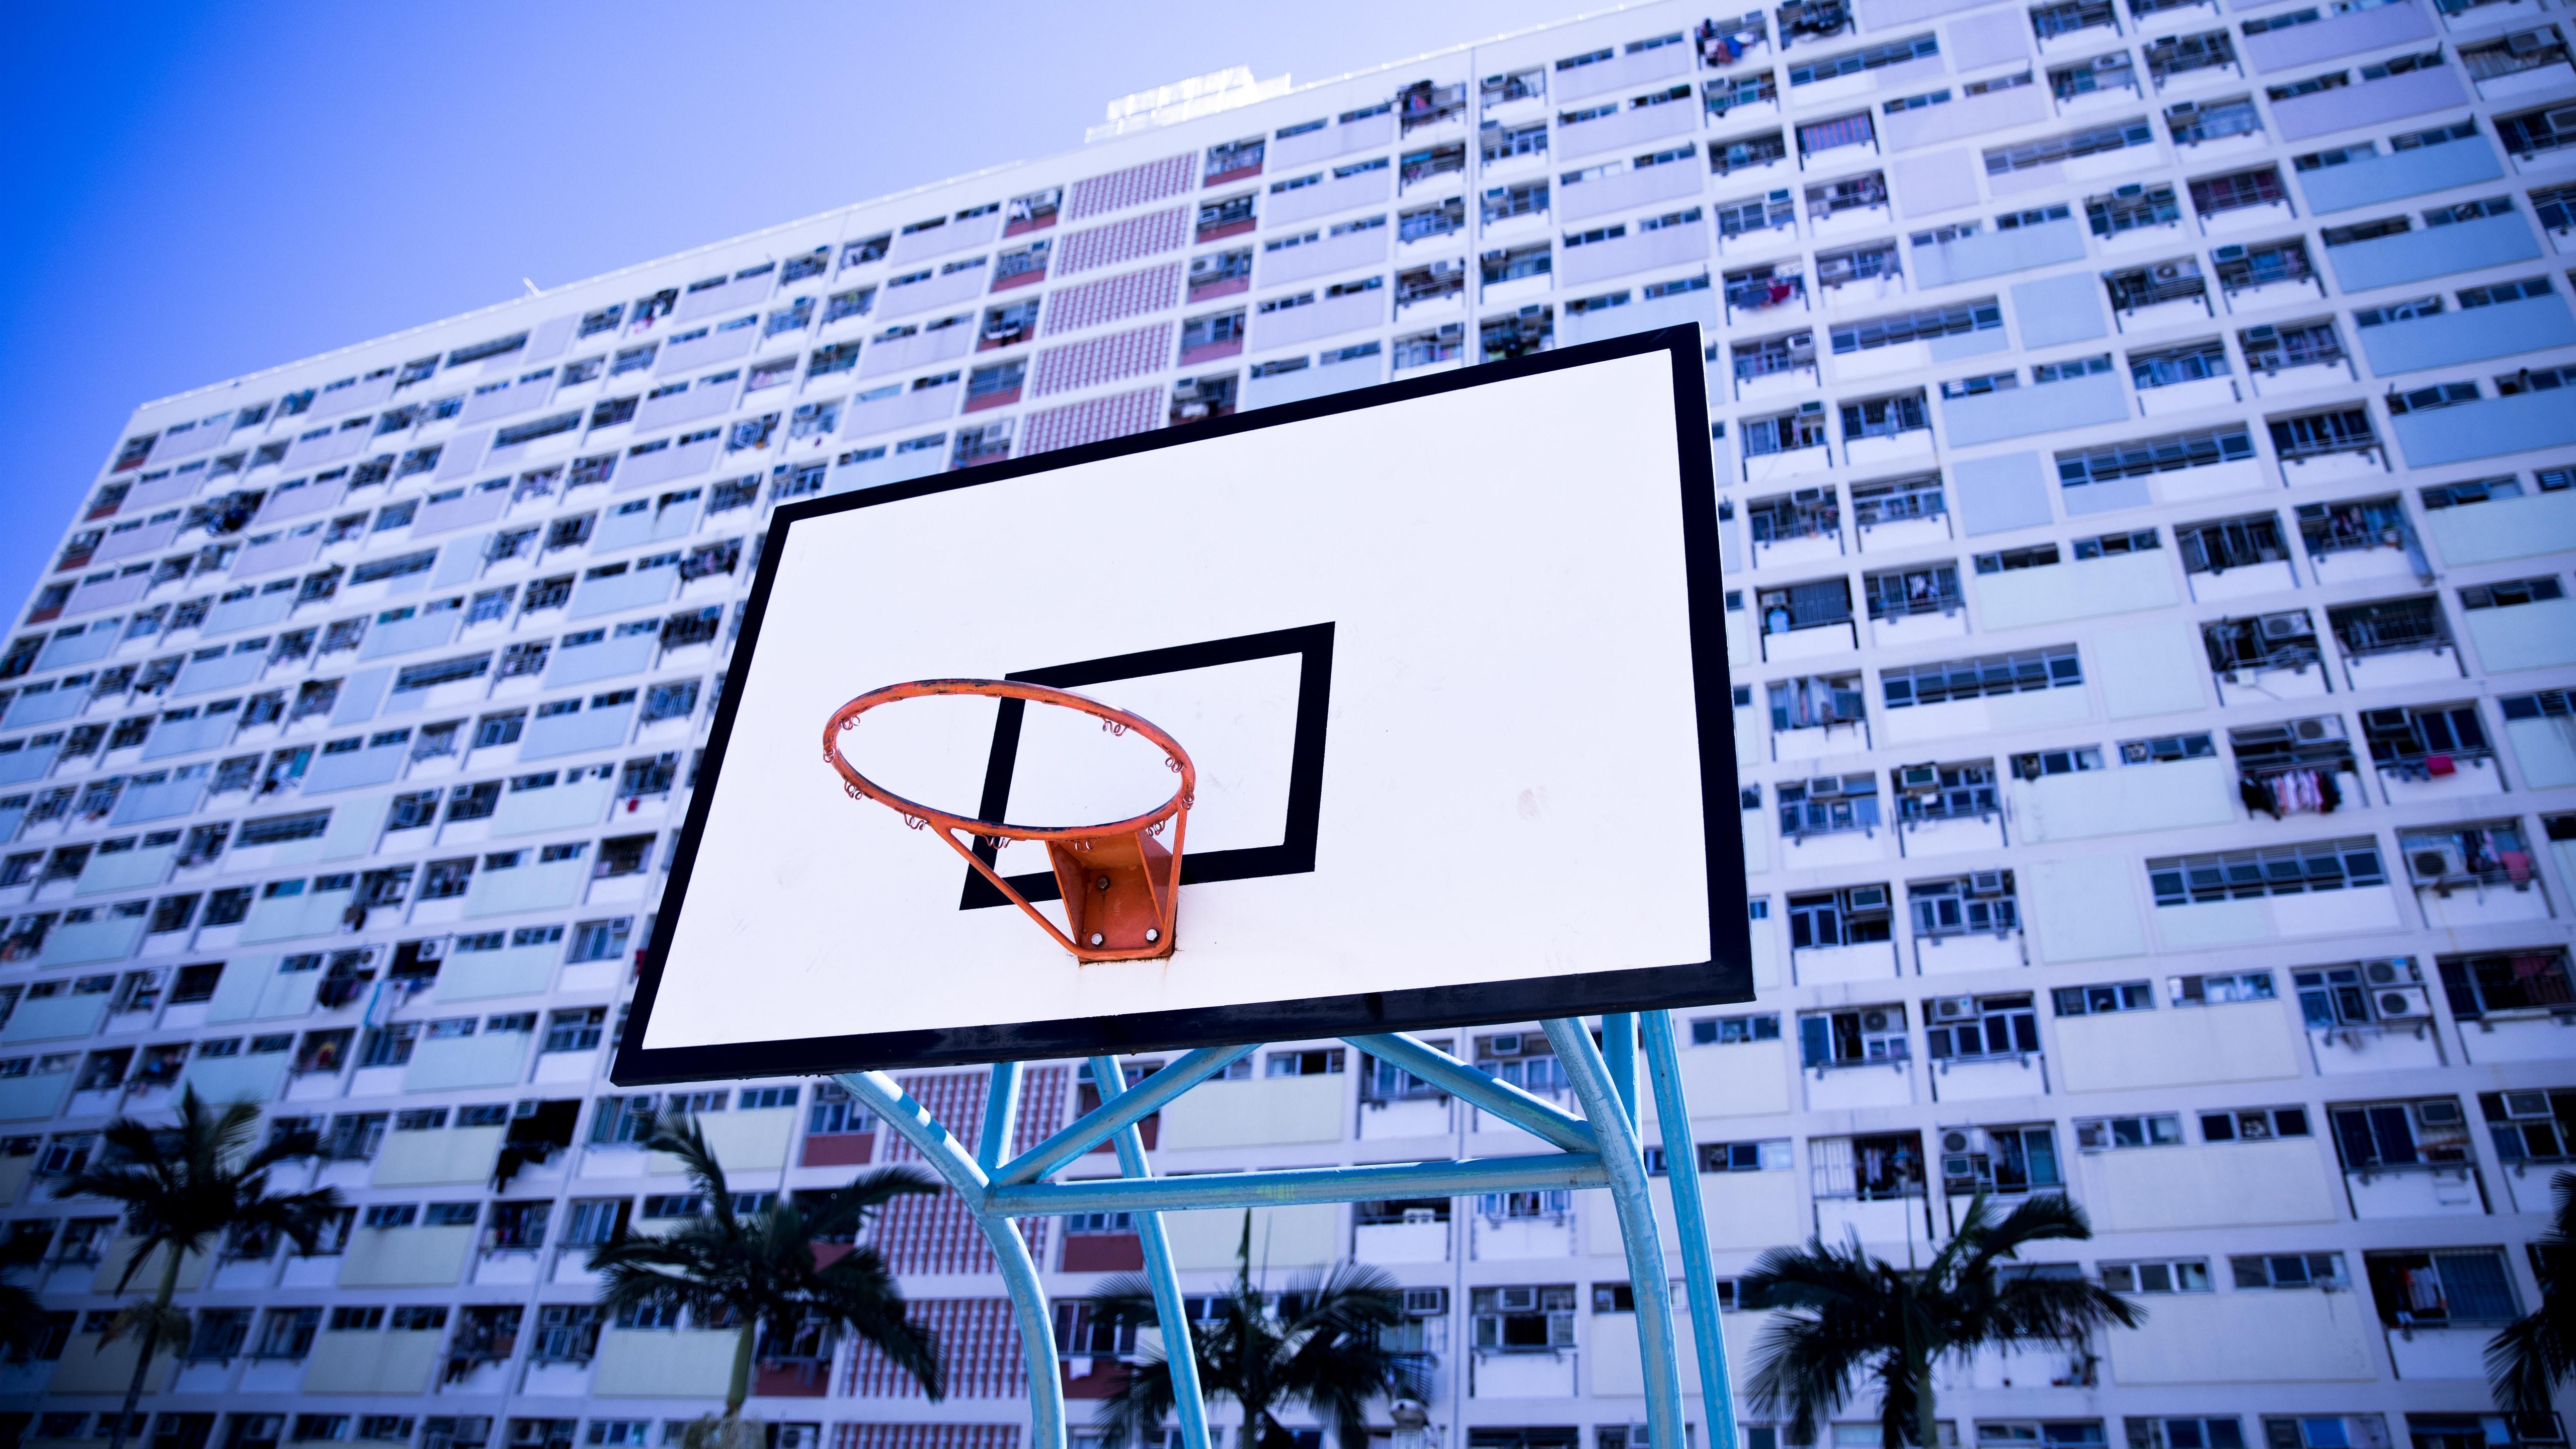 Wallpaper Basketball Net Board Buildings 5120x2880 Uhd 5k